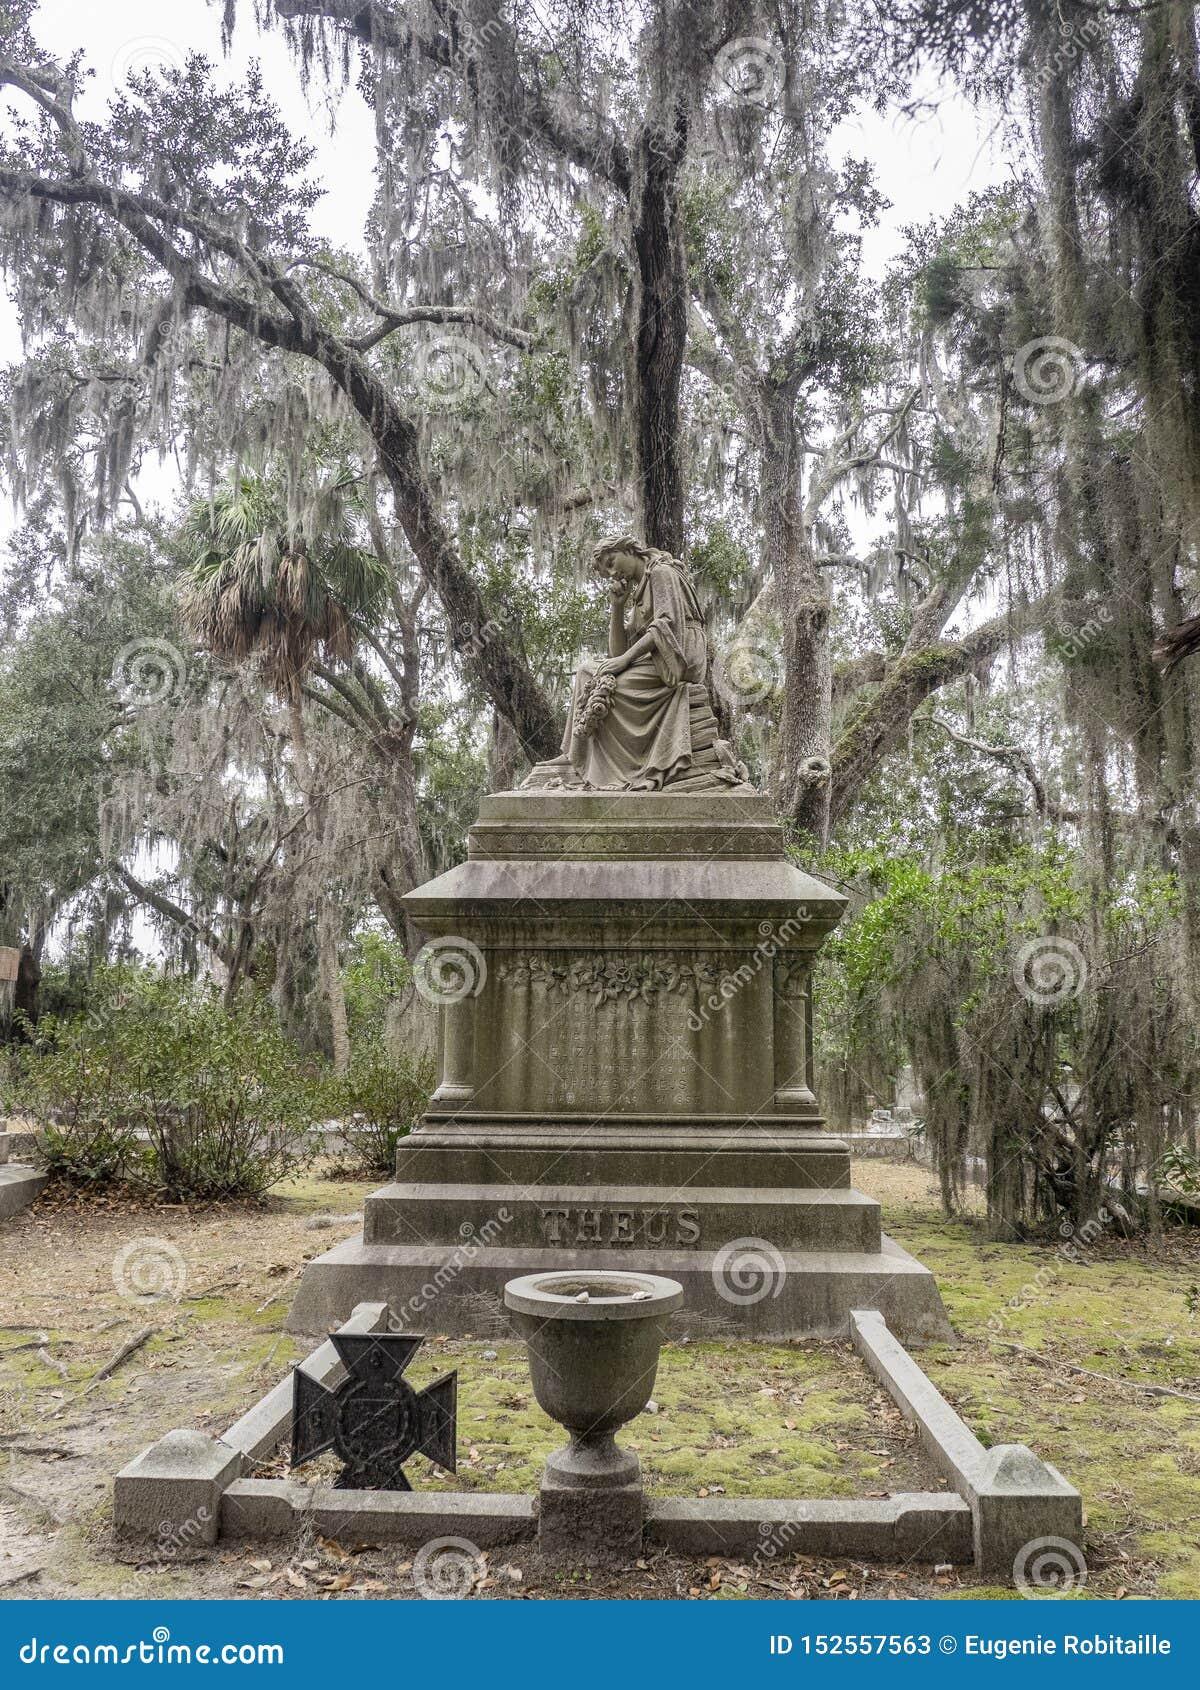 Tombstone in the Bonaventure Cemetery